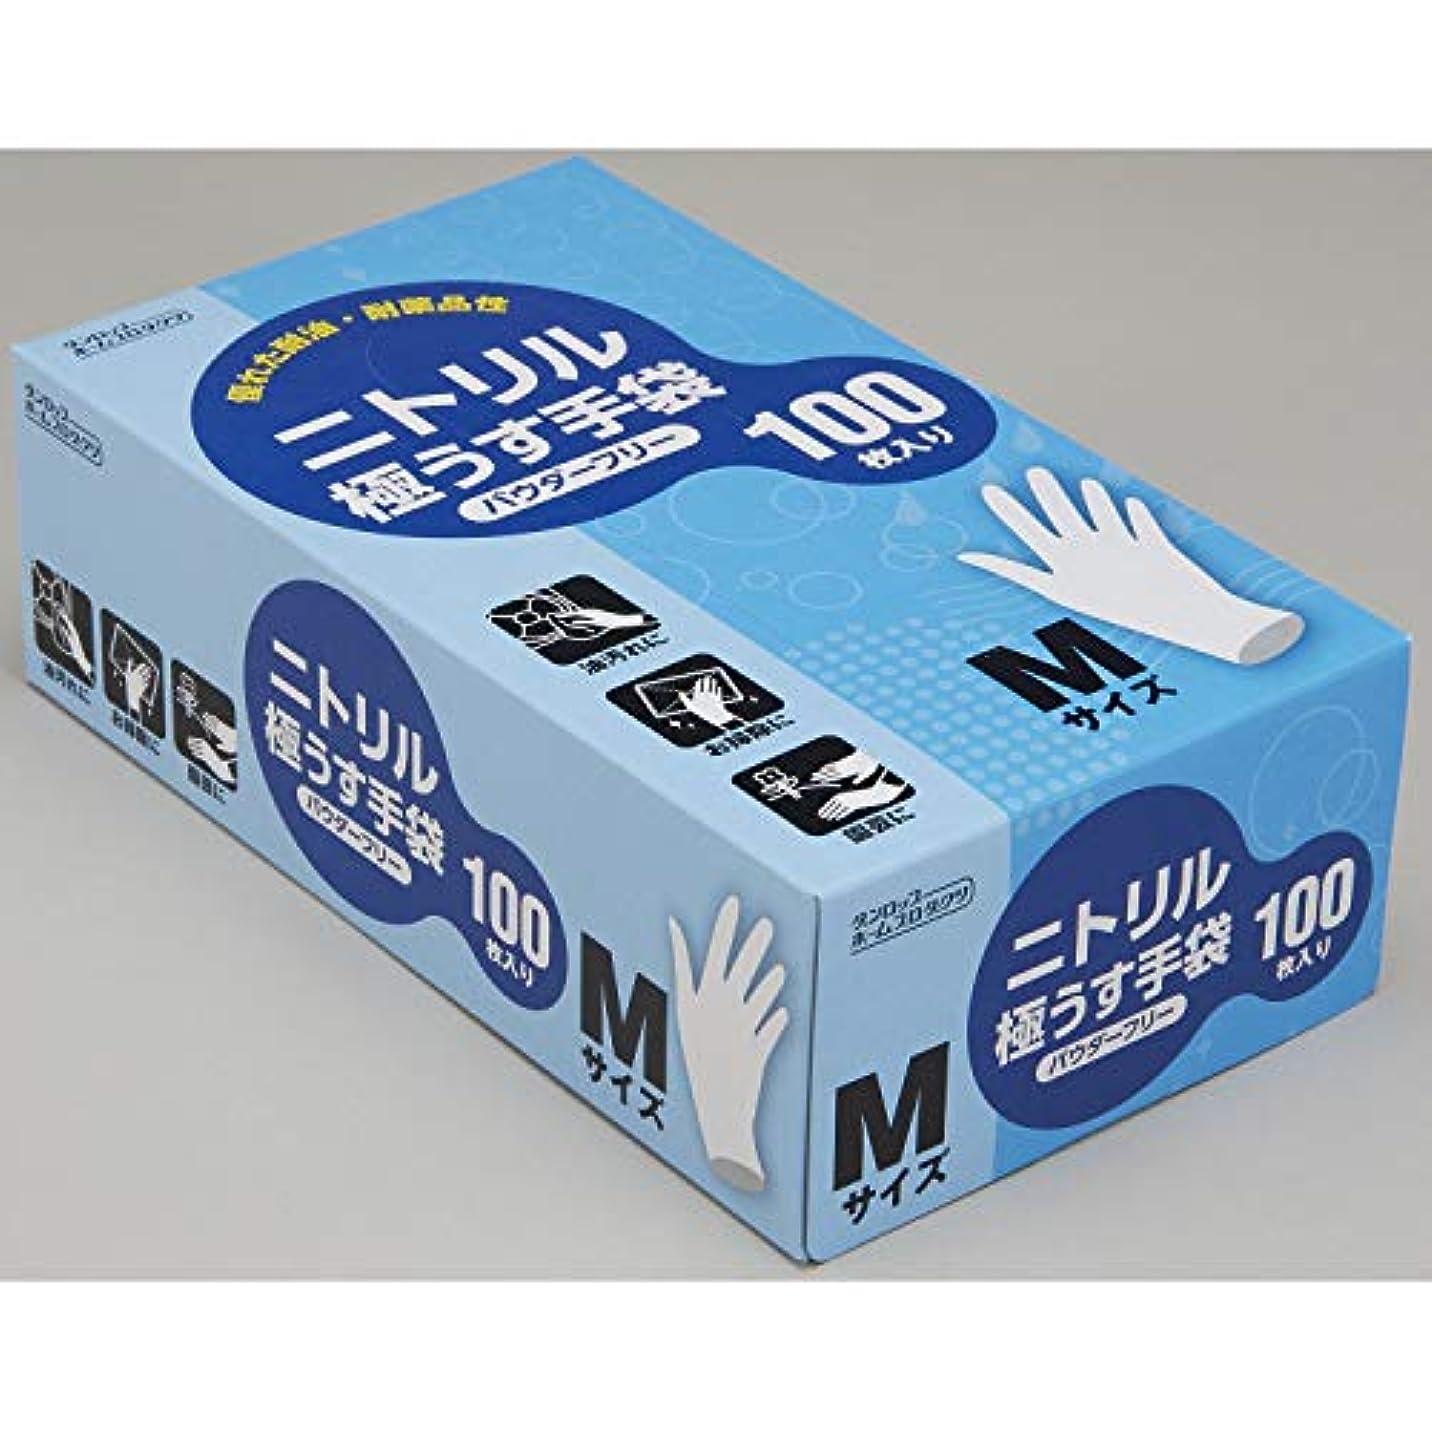 駐地勝利した免除するダンロップ 二トリル極うす手袋 パウダーフリー Mサイズ 100枚入 ×20個